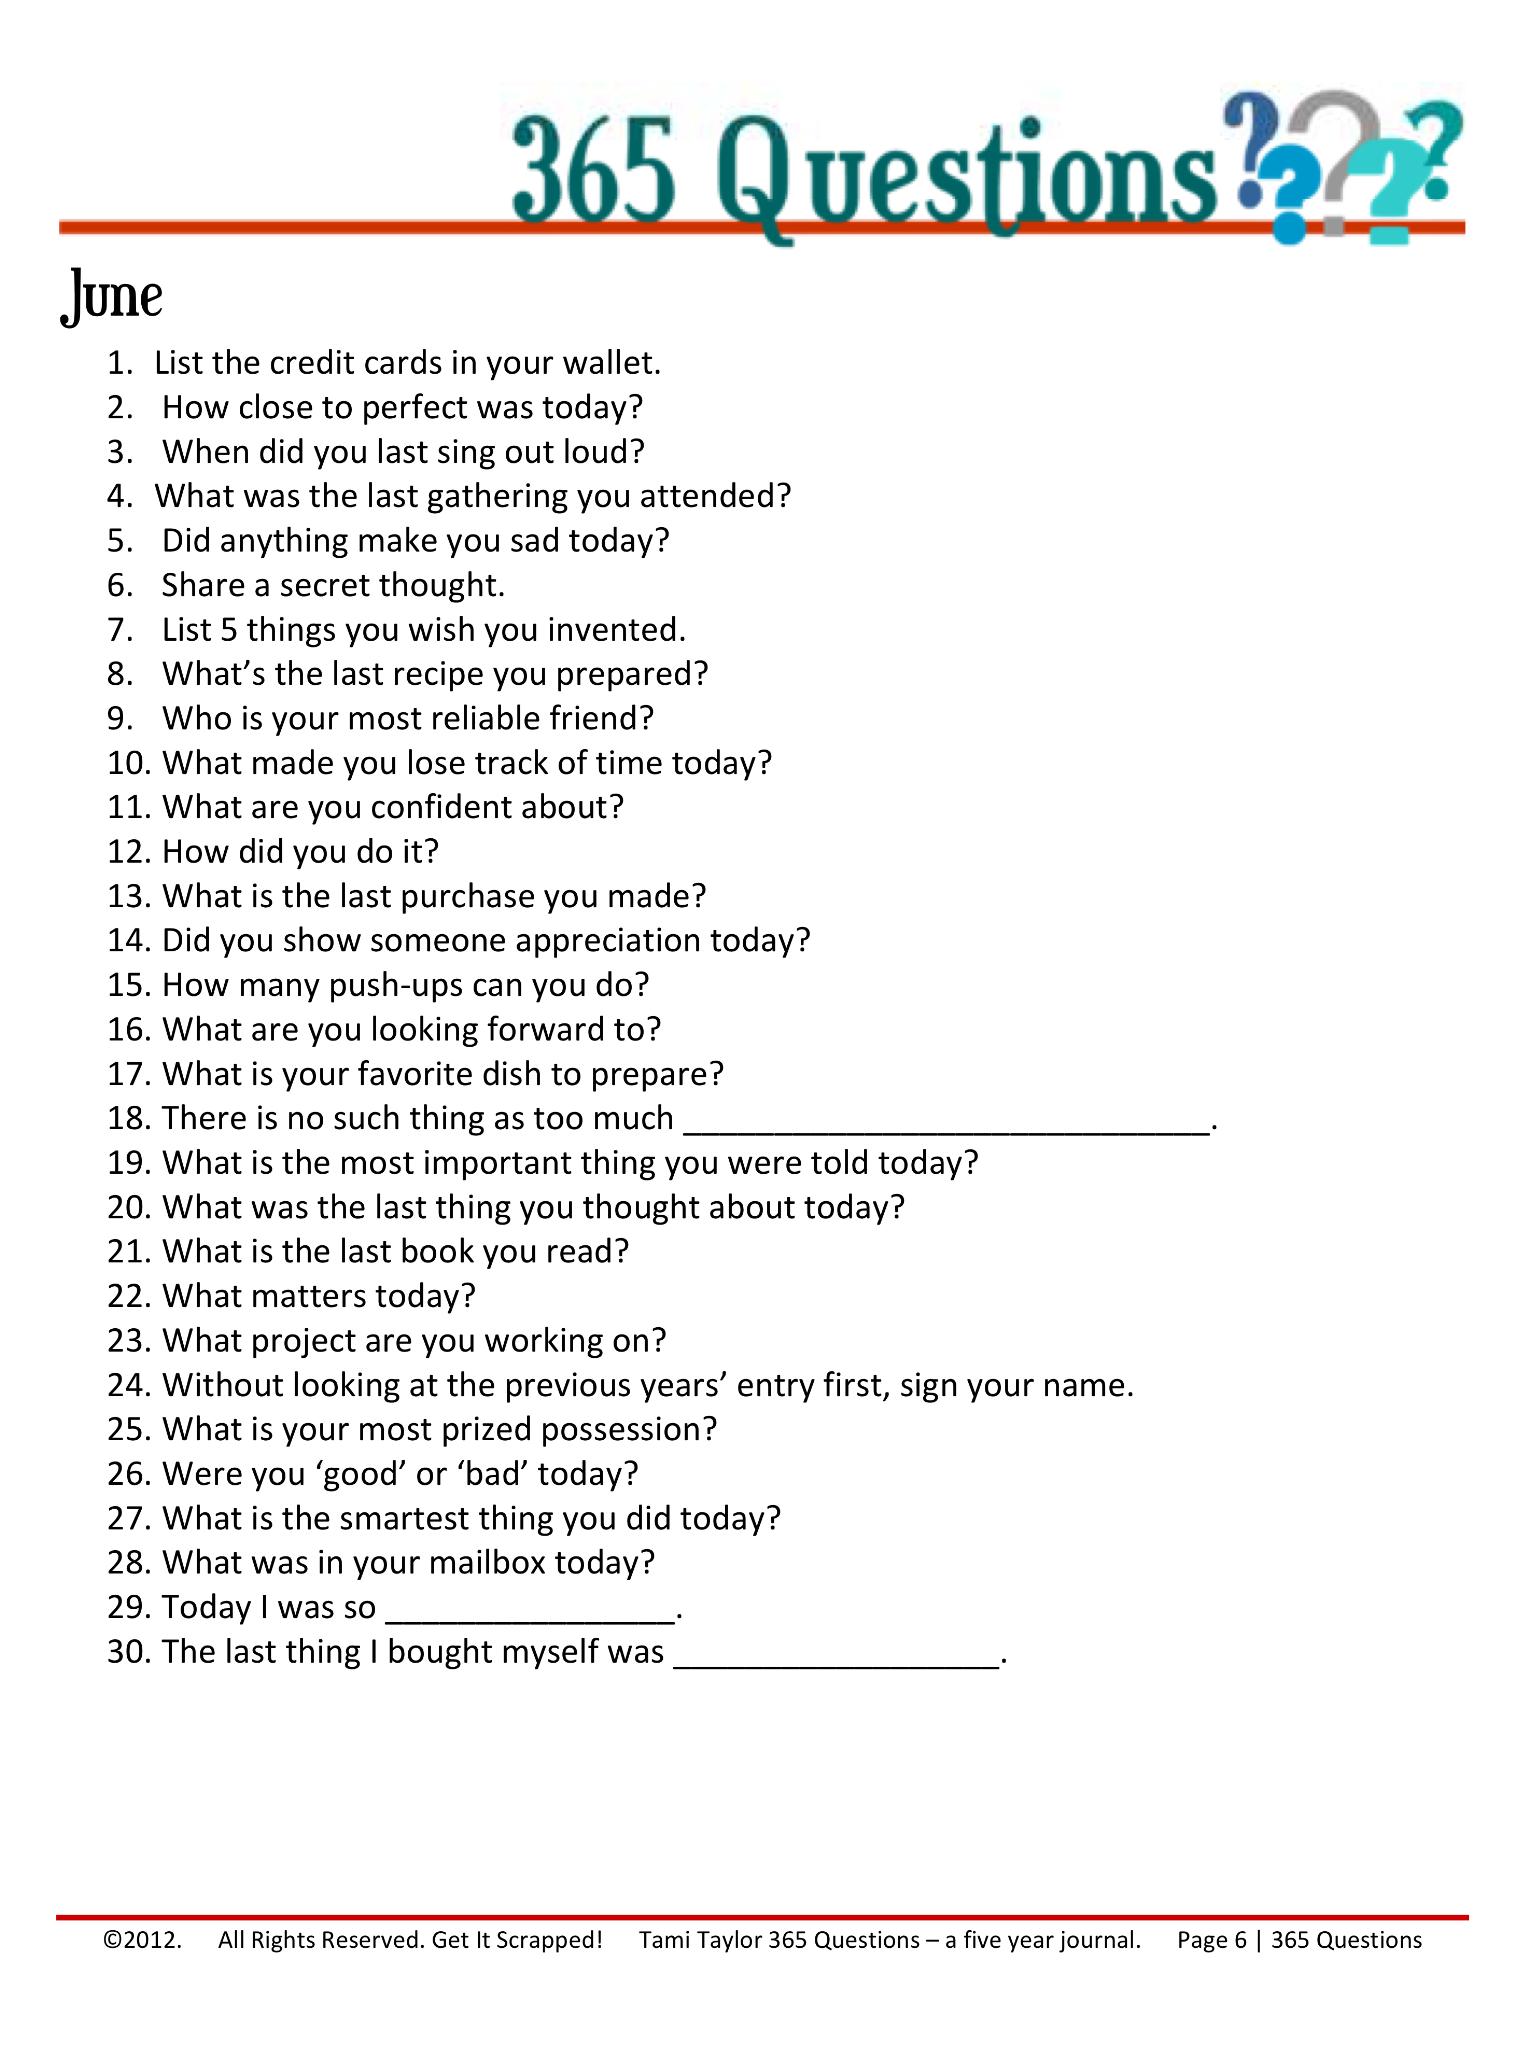 365 Questions June 6 12